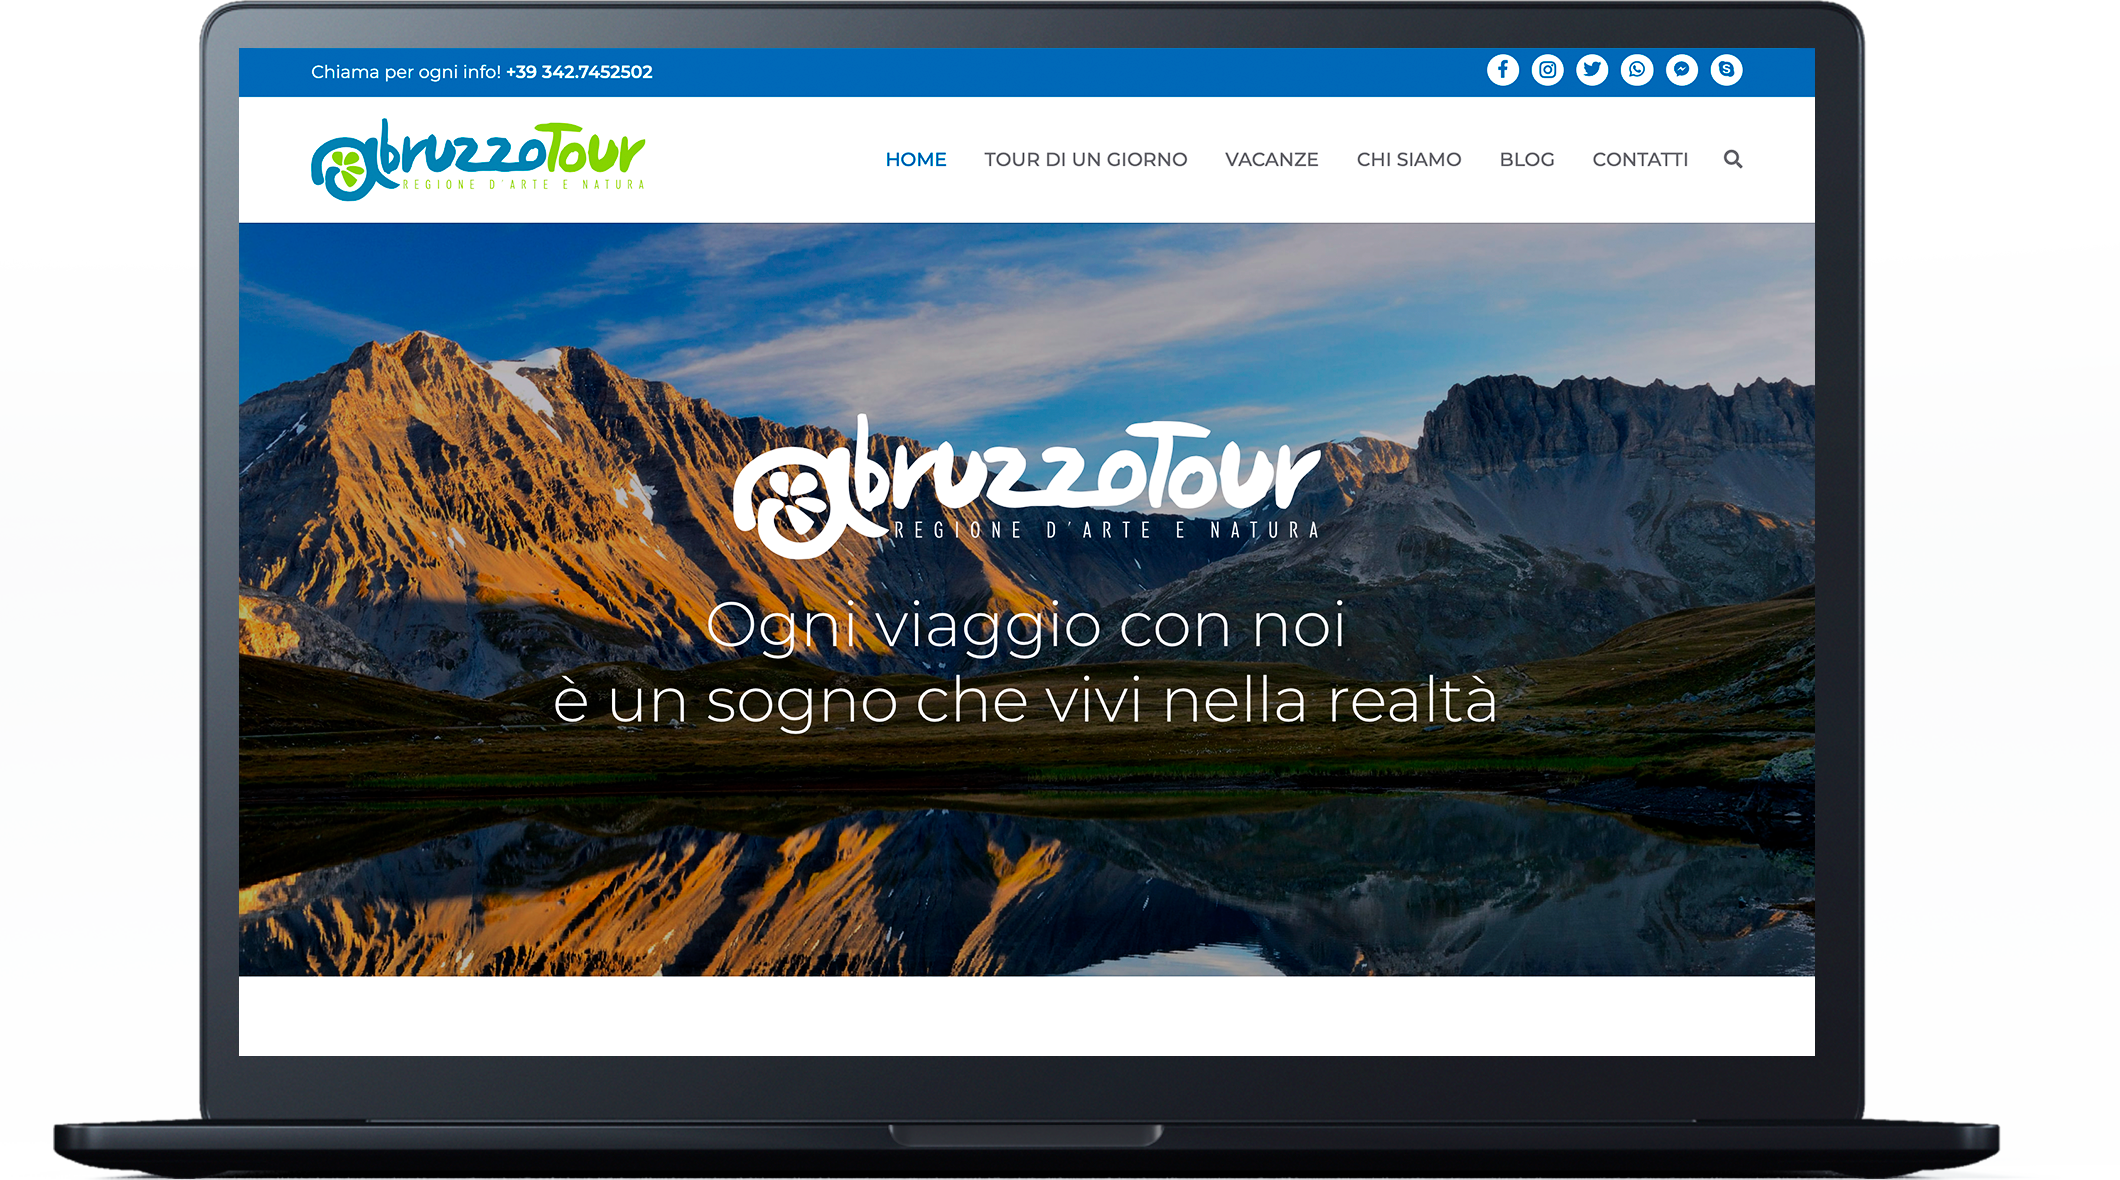 Calendario Promozione Abruzzo.Chi Siamo Abruzzo Tour